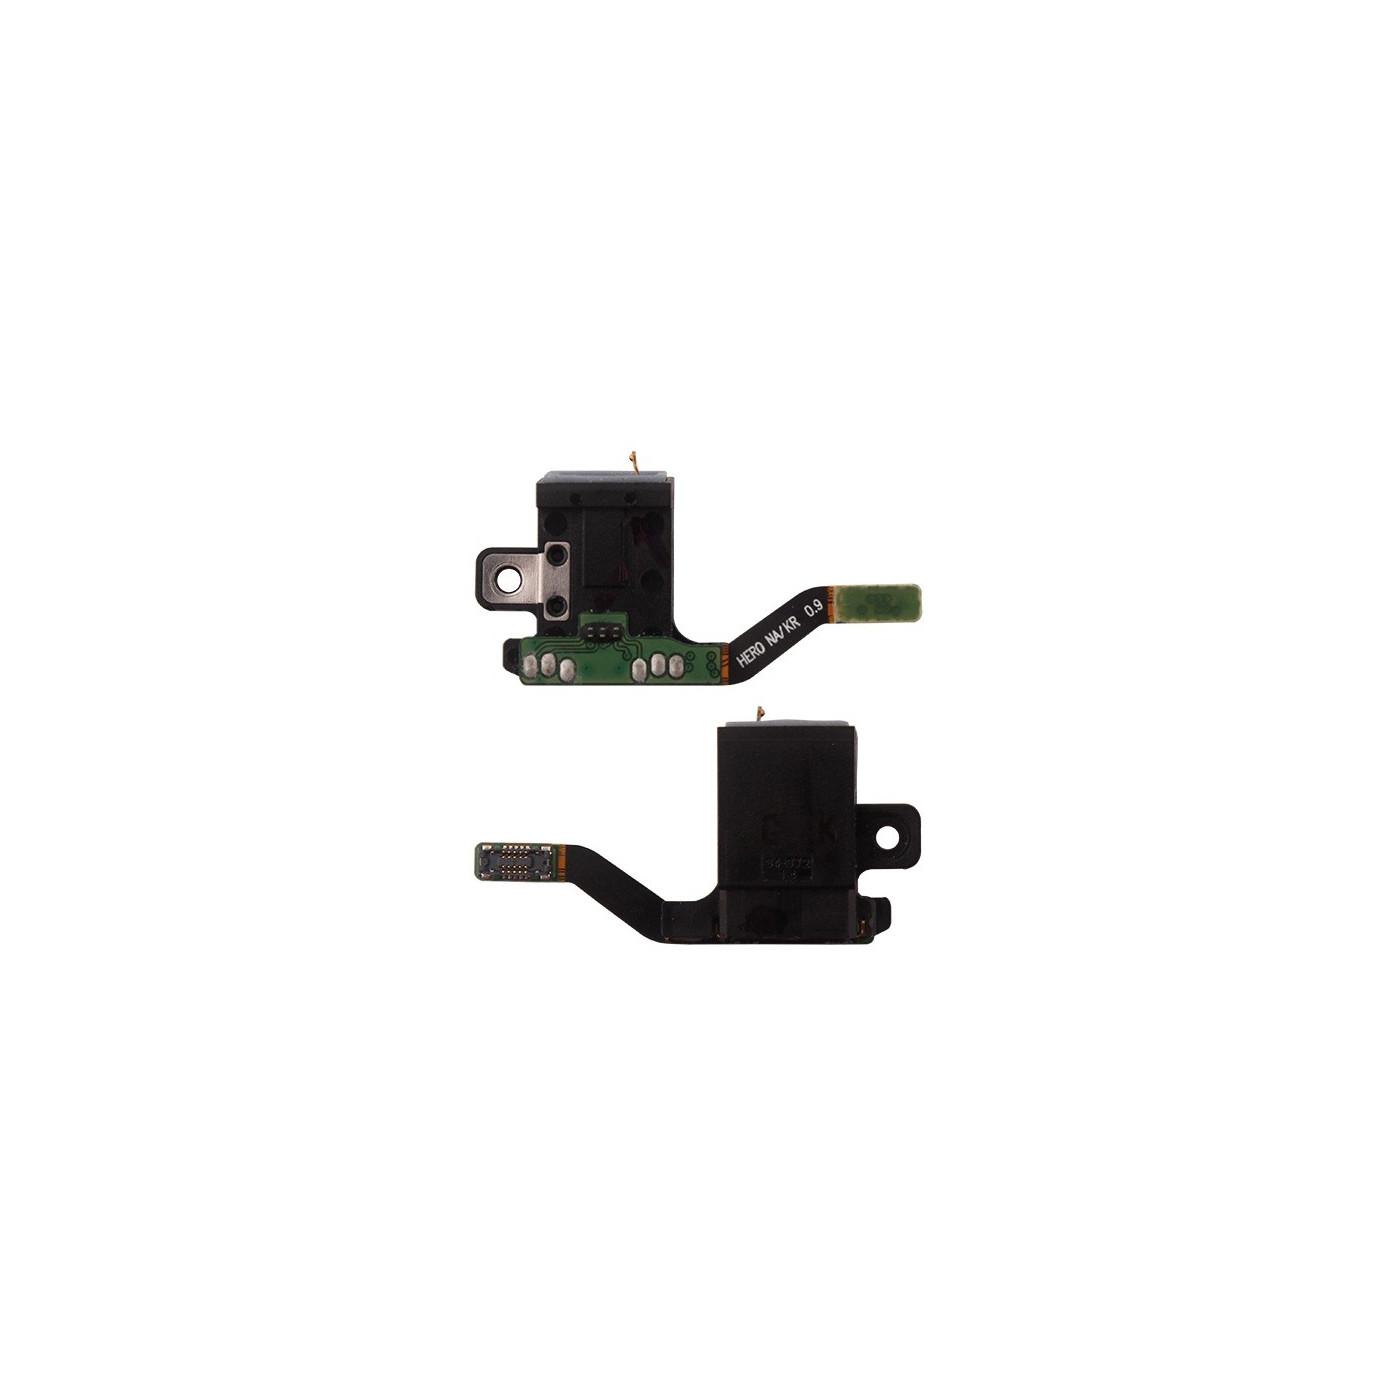 Kopfhörer Audio Jack für Samsung s7 SM G930F